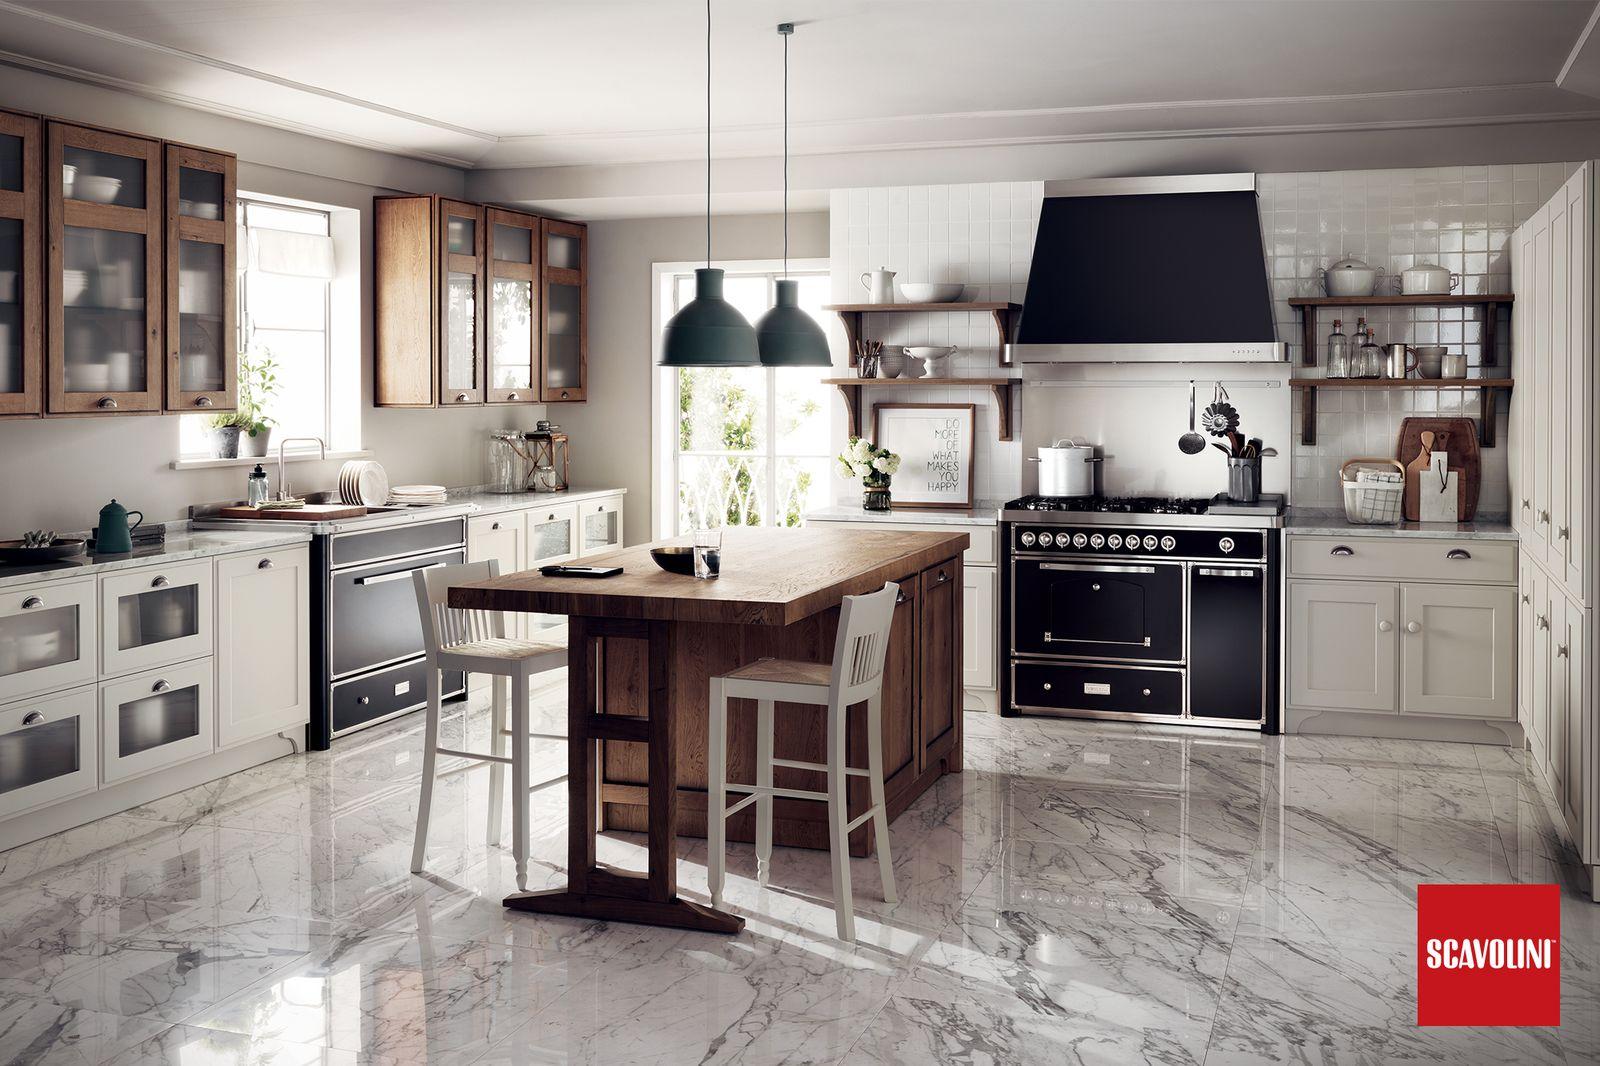 Cucine Scavolini – Lino Orsi Arredamenti